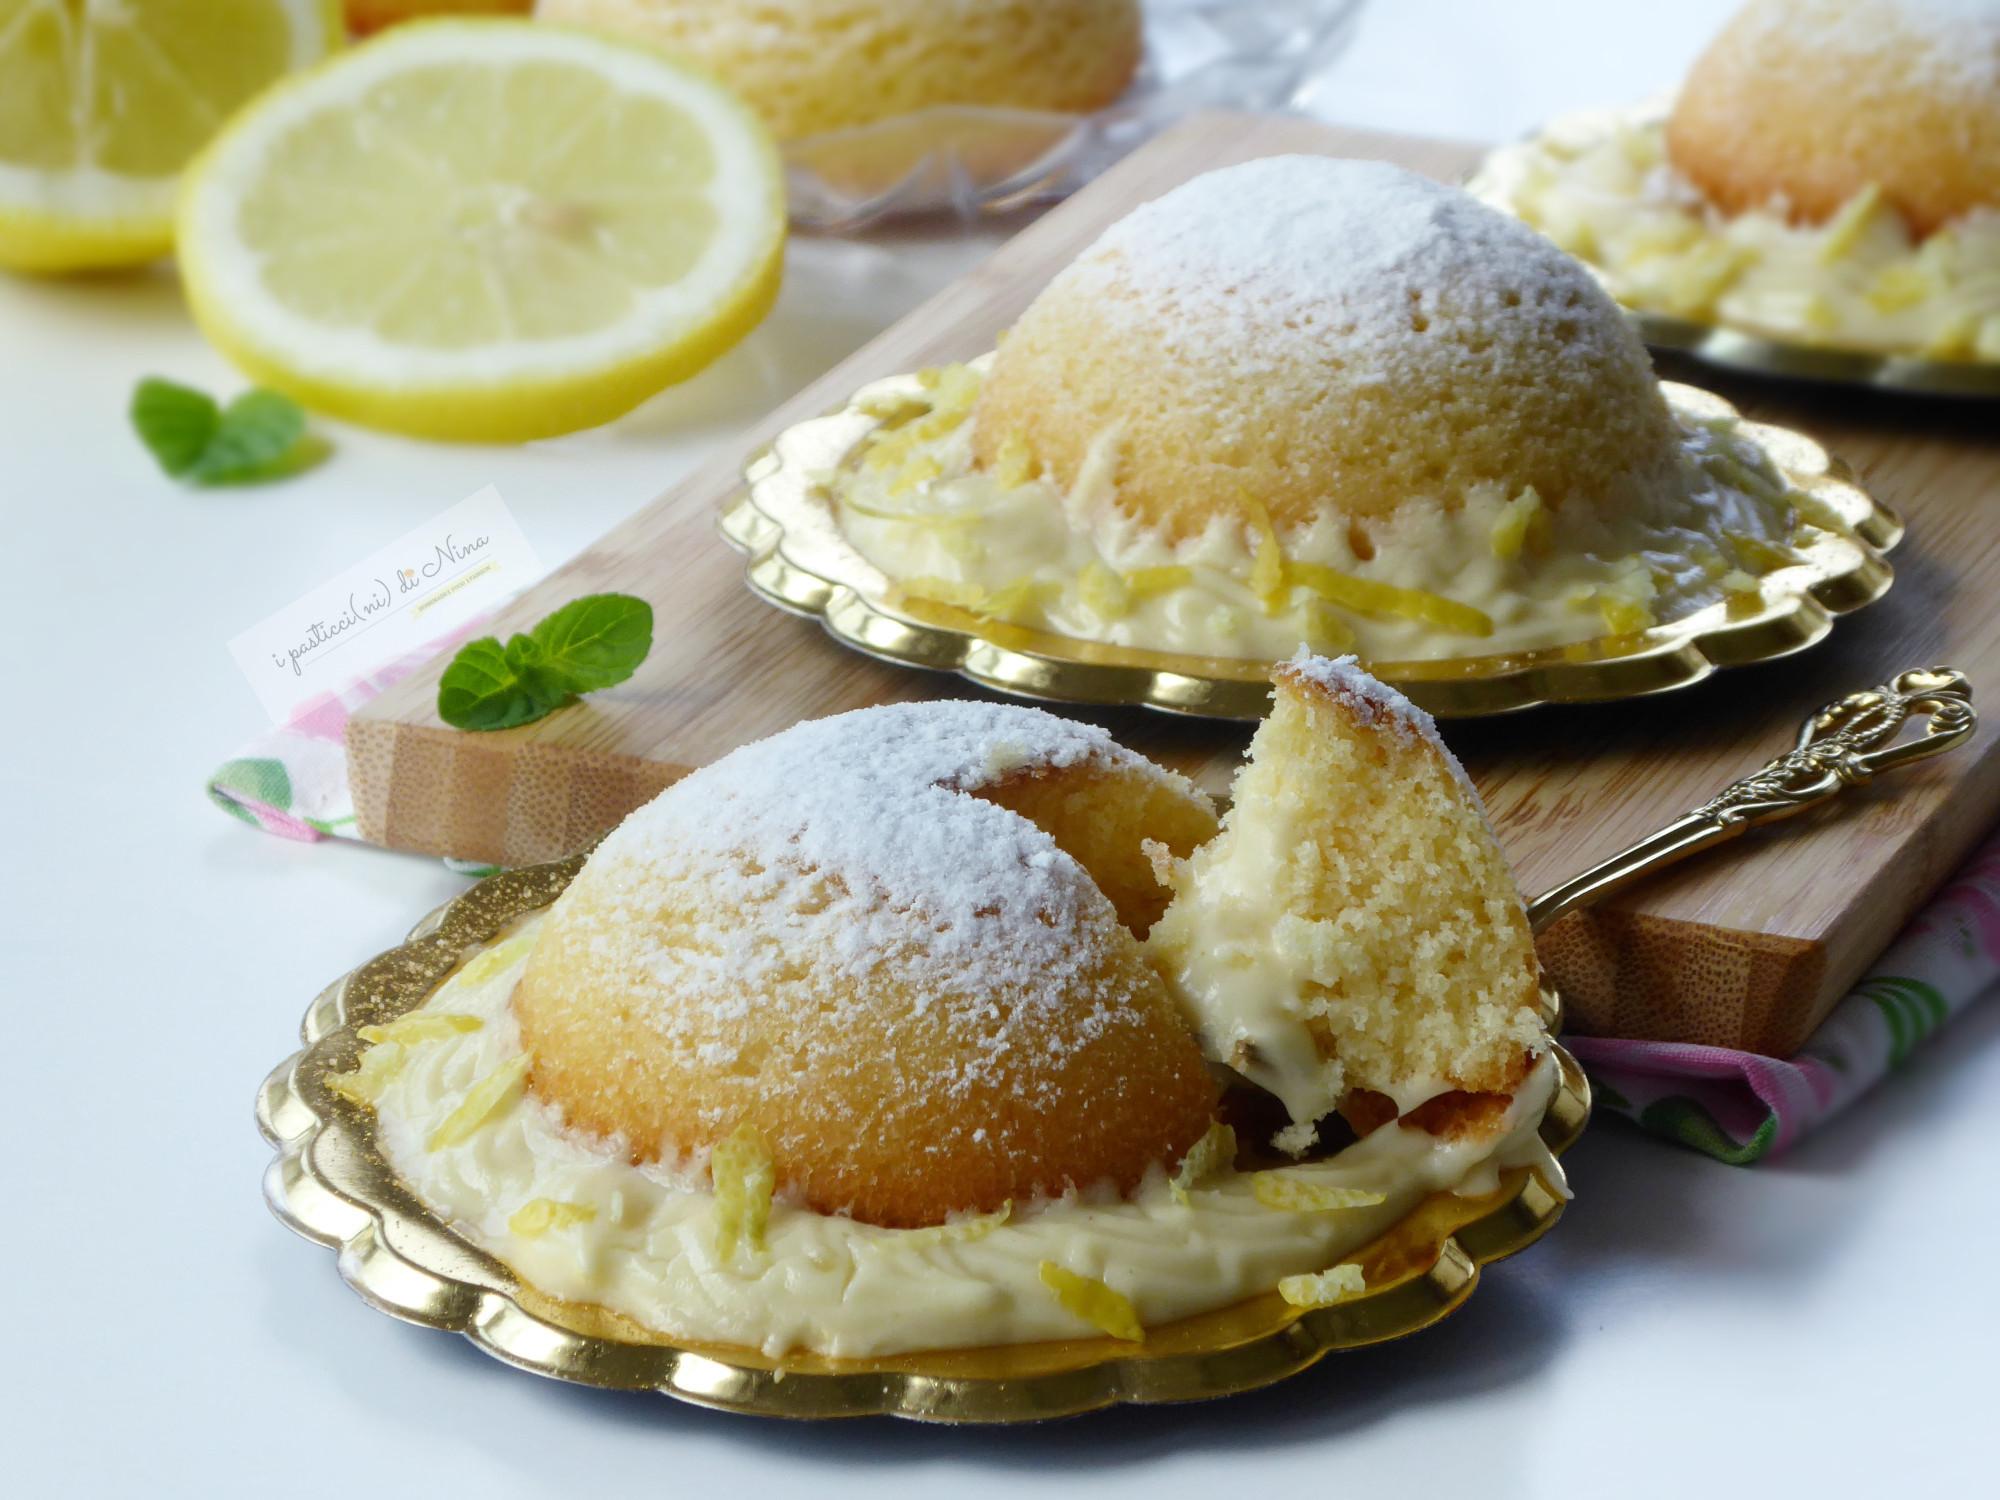 dolce fresco al limone Semisfere soffici con crema al limone